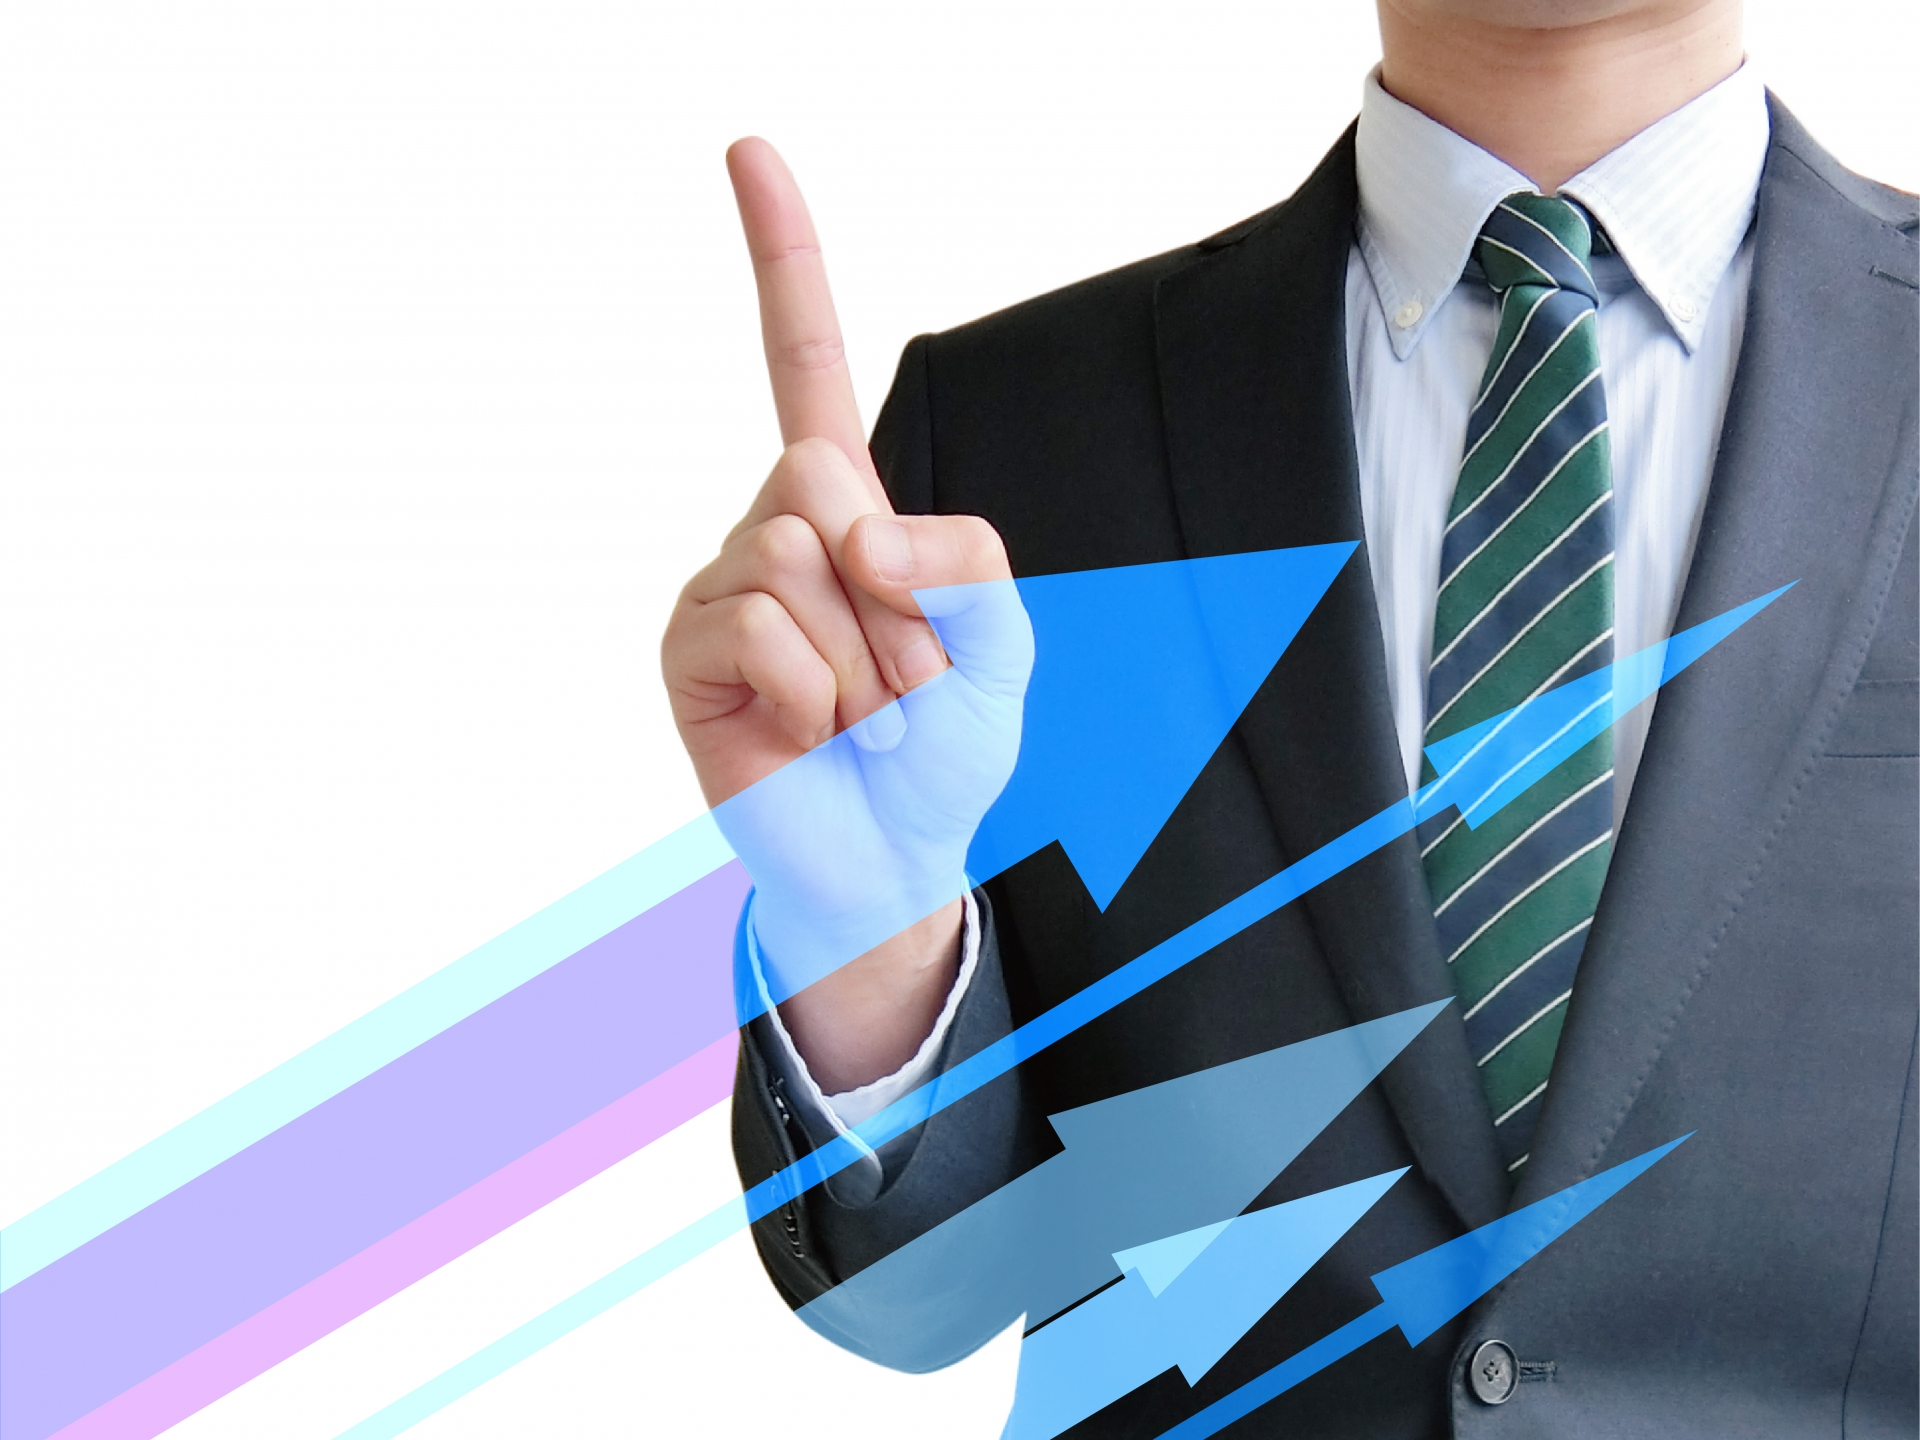 仕事・業務の生産性向上アップ術